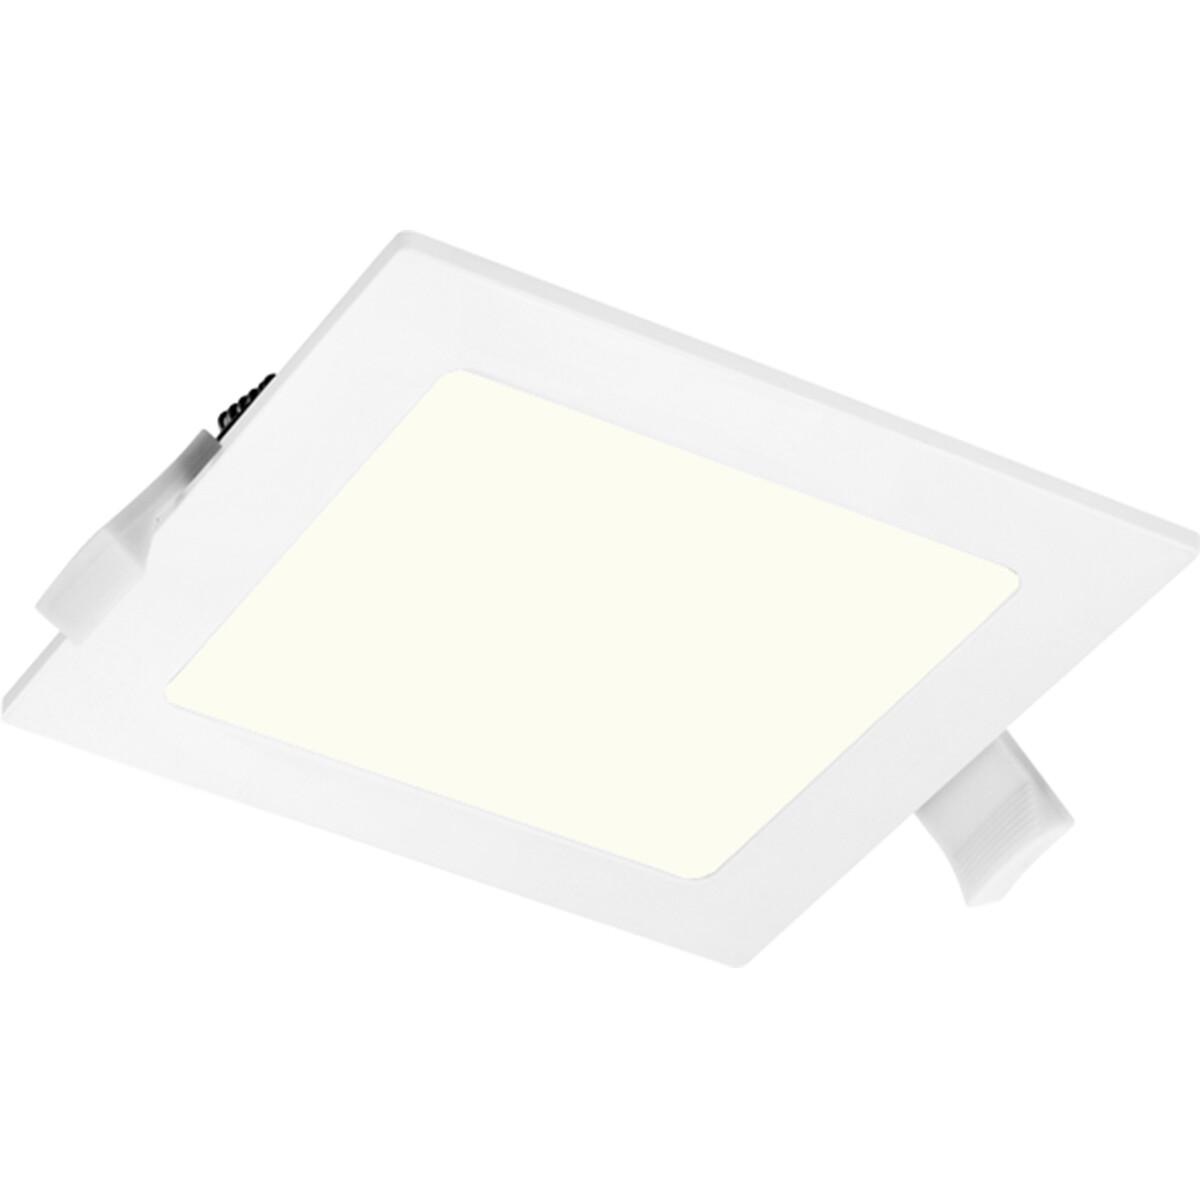 LED Downlight Slim Pro - Aigi Suno - Inbouw Vierkant 6W - Natuurlijk Wit 4000K - Mat Wit - Kunststof